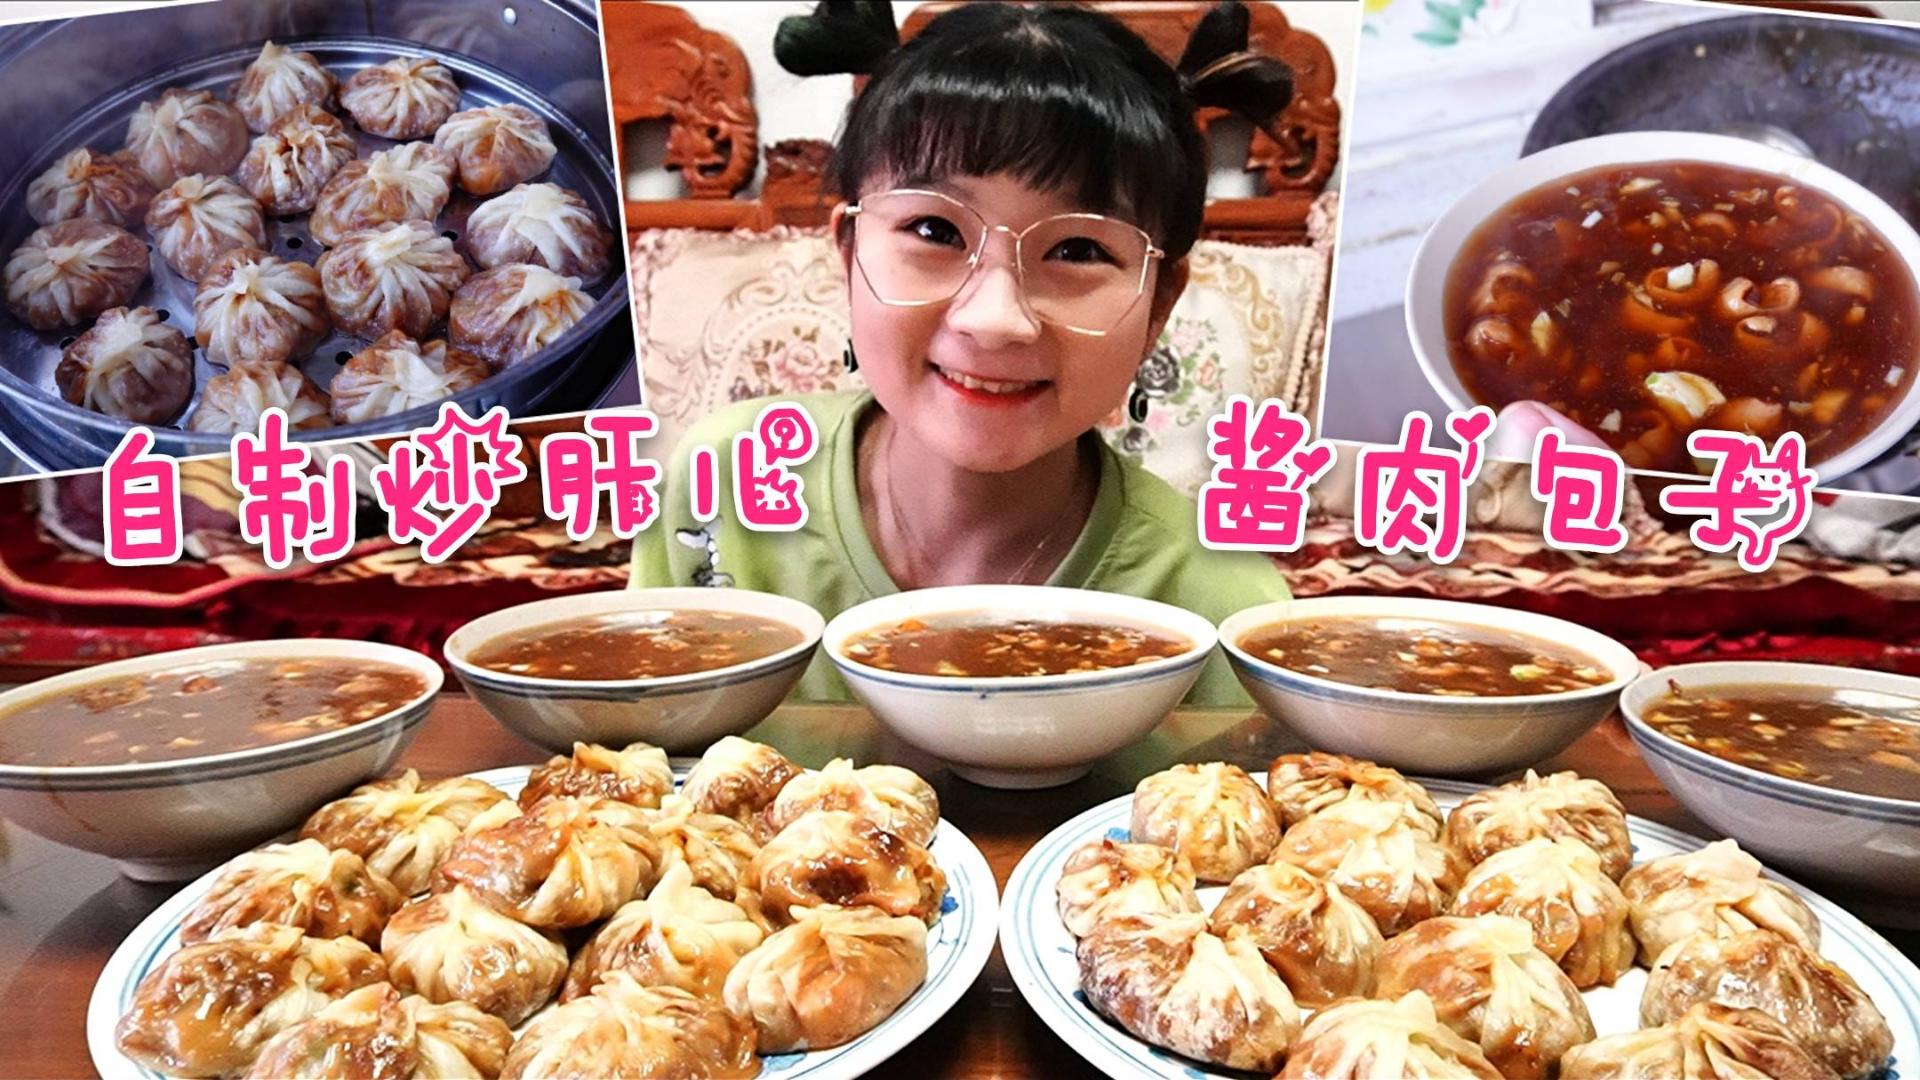 【小猪猪的vlog】宅家自制老北京炒肝儿和酱肉包子!太舒服了!